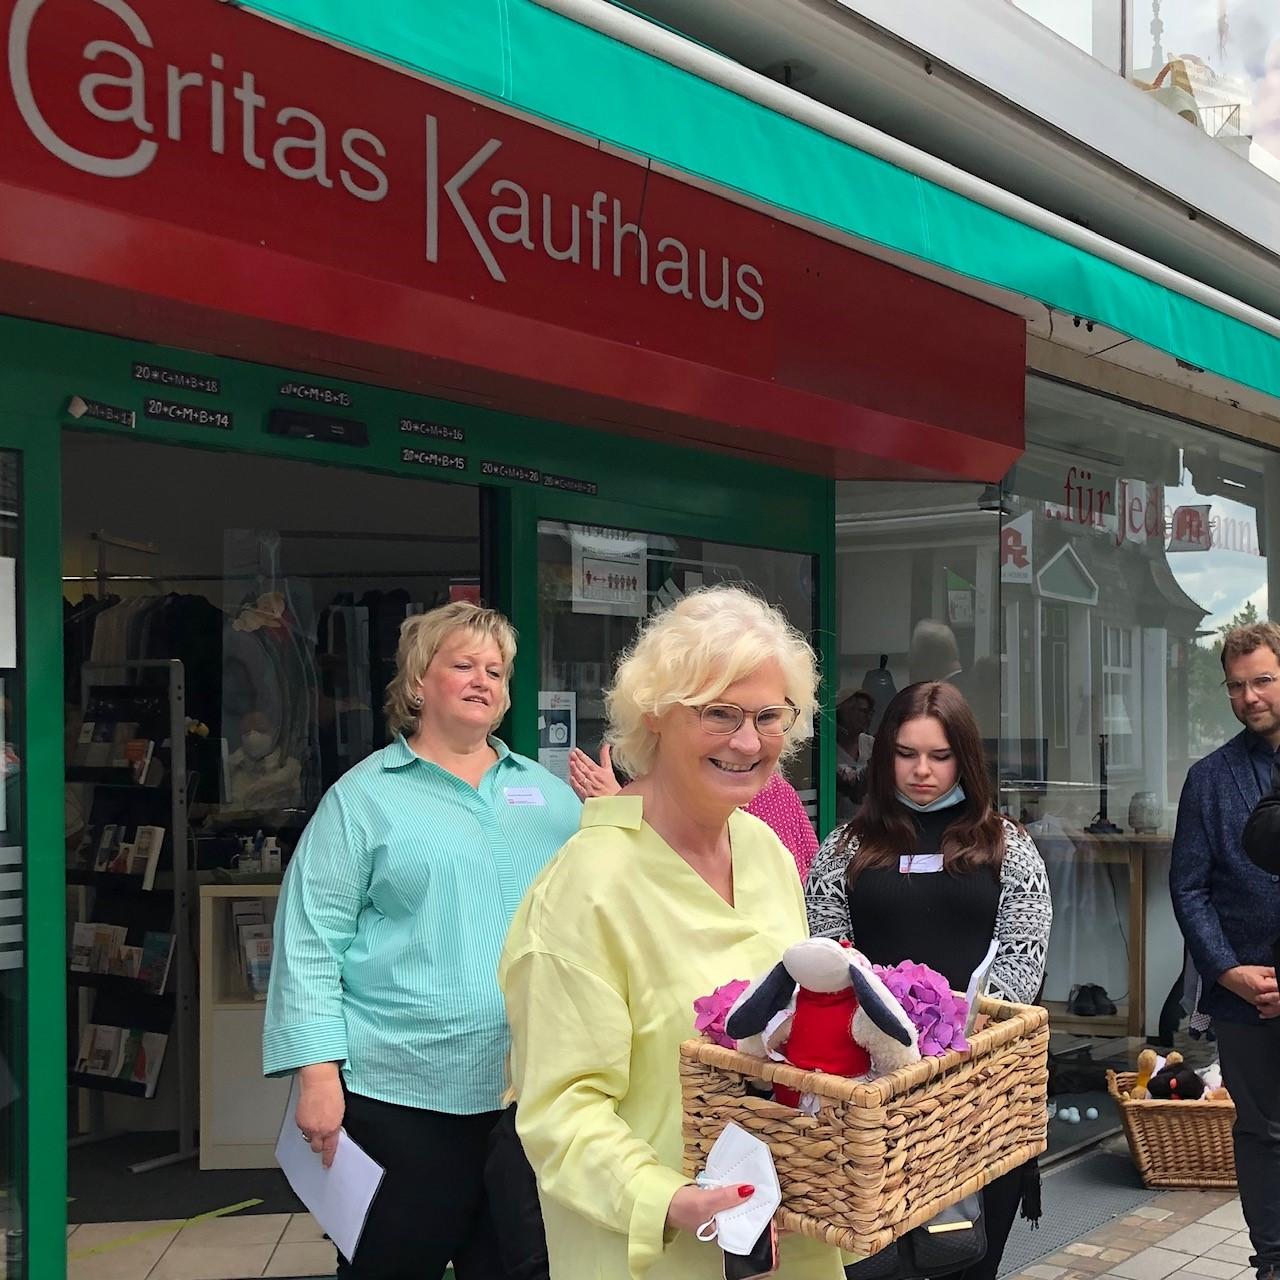 Christine Lambrecht besucht das Caritas-Kaufhaus in Gummersberg.